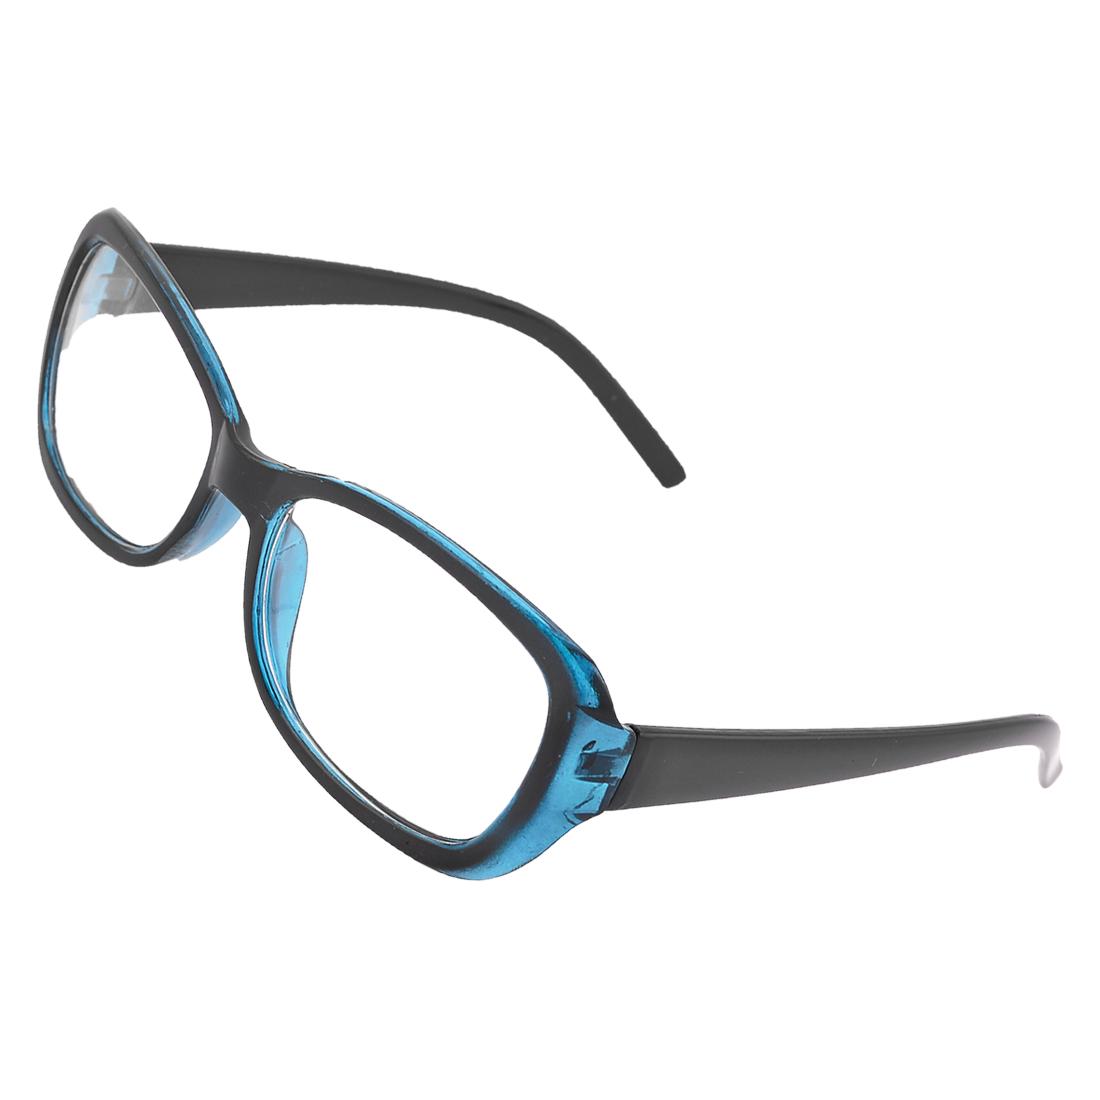 Rectangular Clear Lens Blue Black Plastic Full Rim Plain Glasses for Women